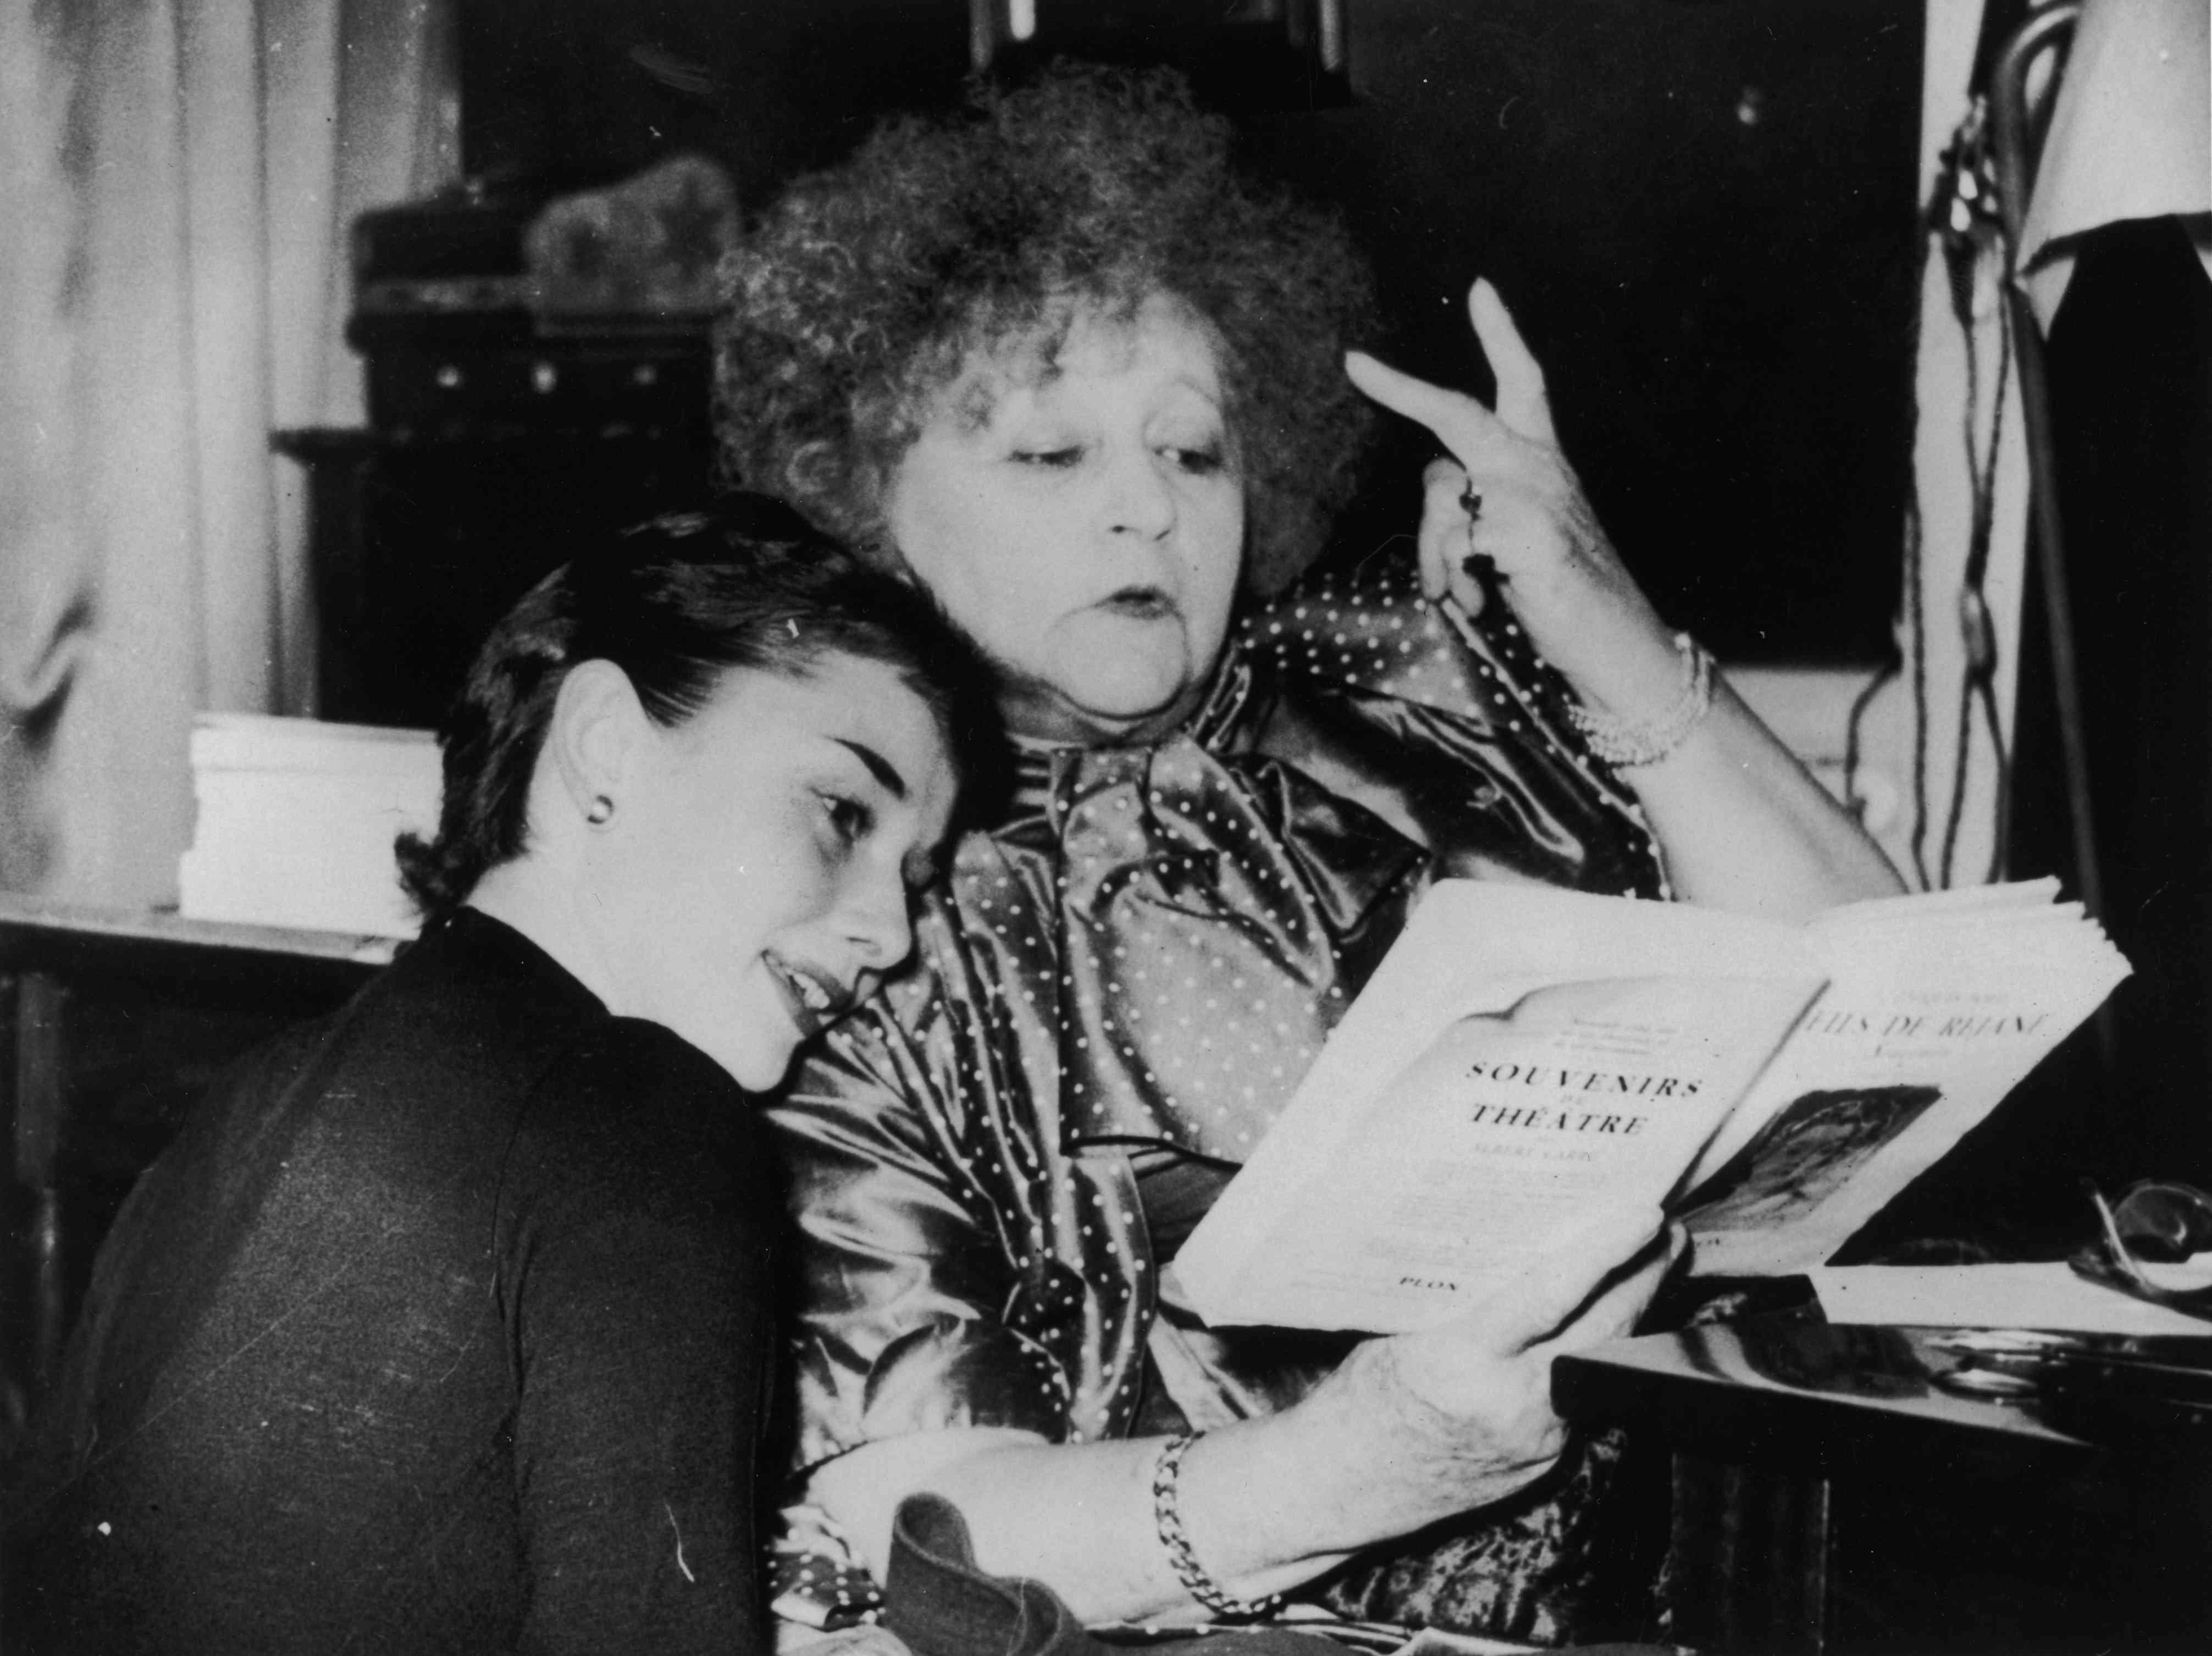 Colette lee un guión mientras Audrey Hepburn se inclina sobre ella y lee por encima del hombro